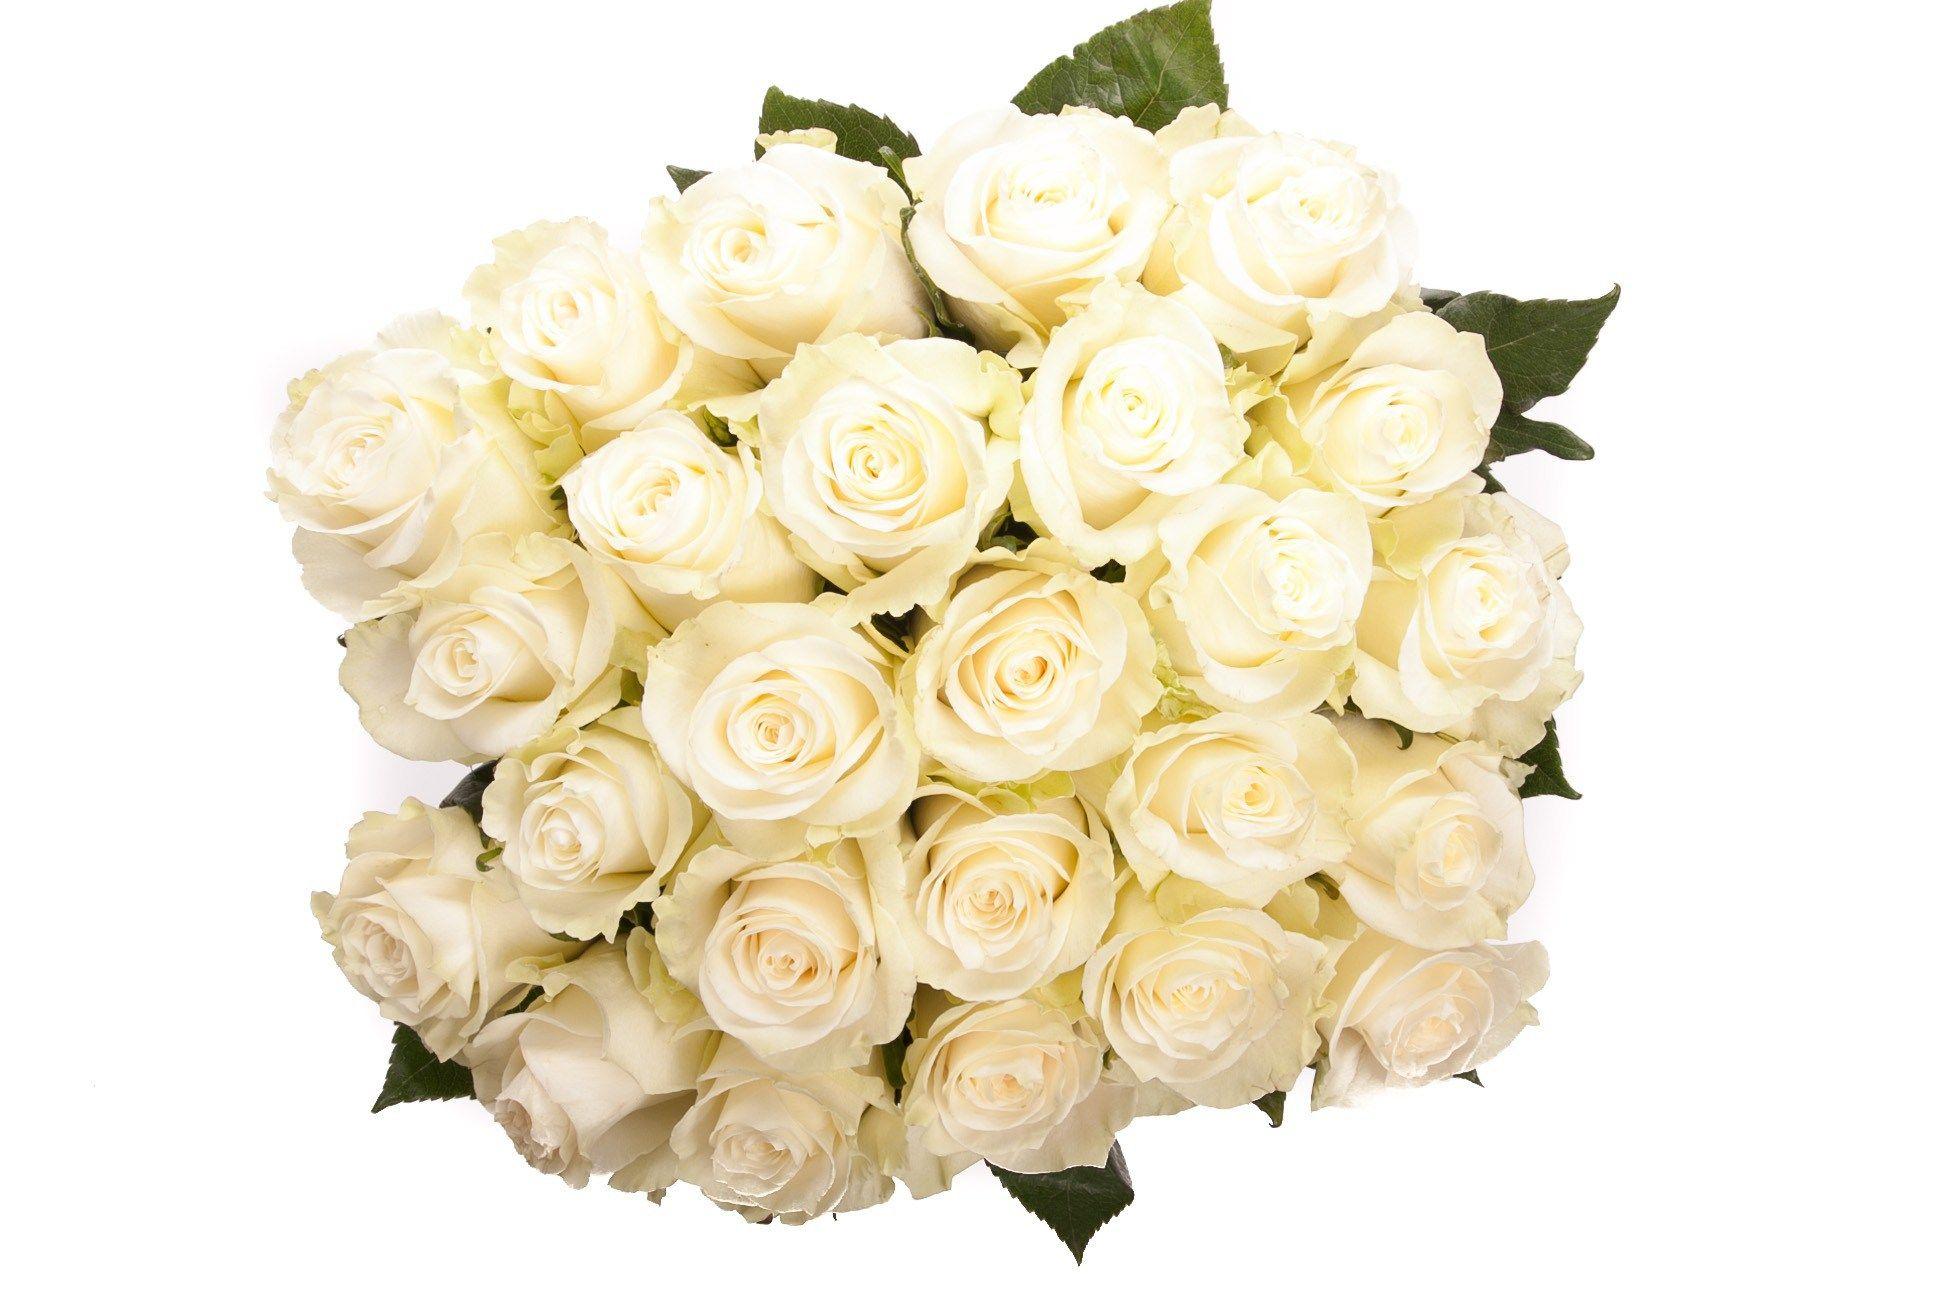 صوره بوكيه ورد ابيض , الورد الابيض هو النقاء